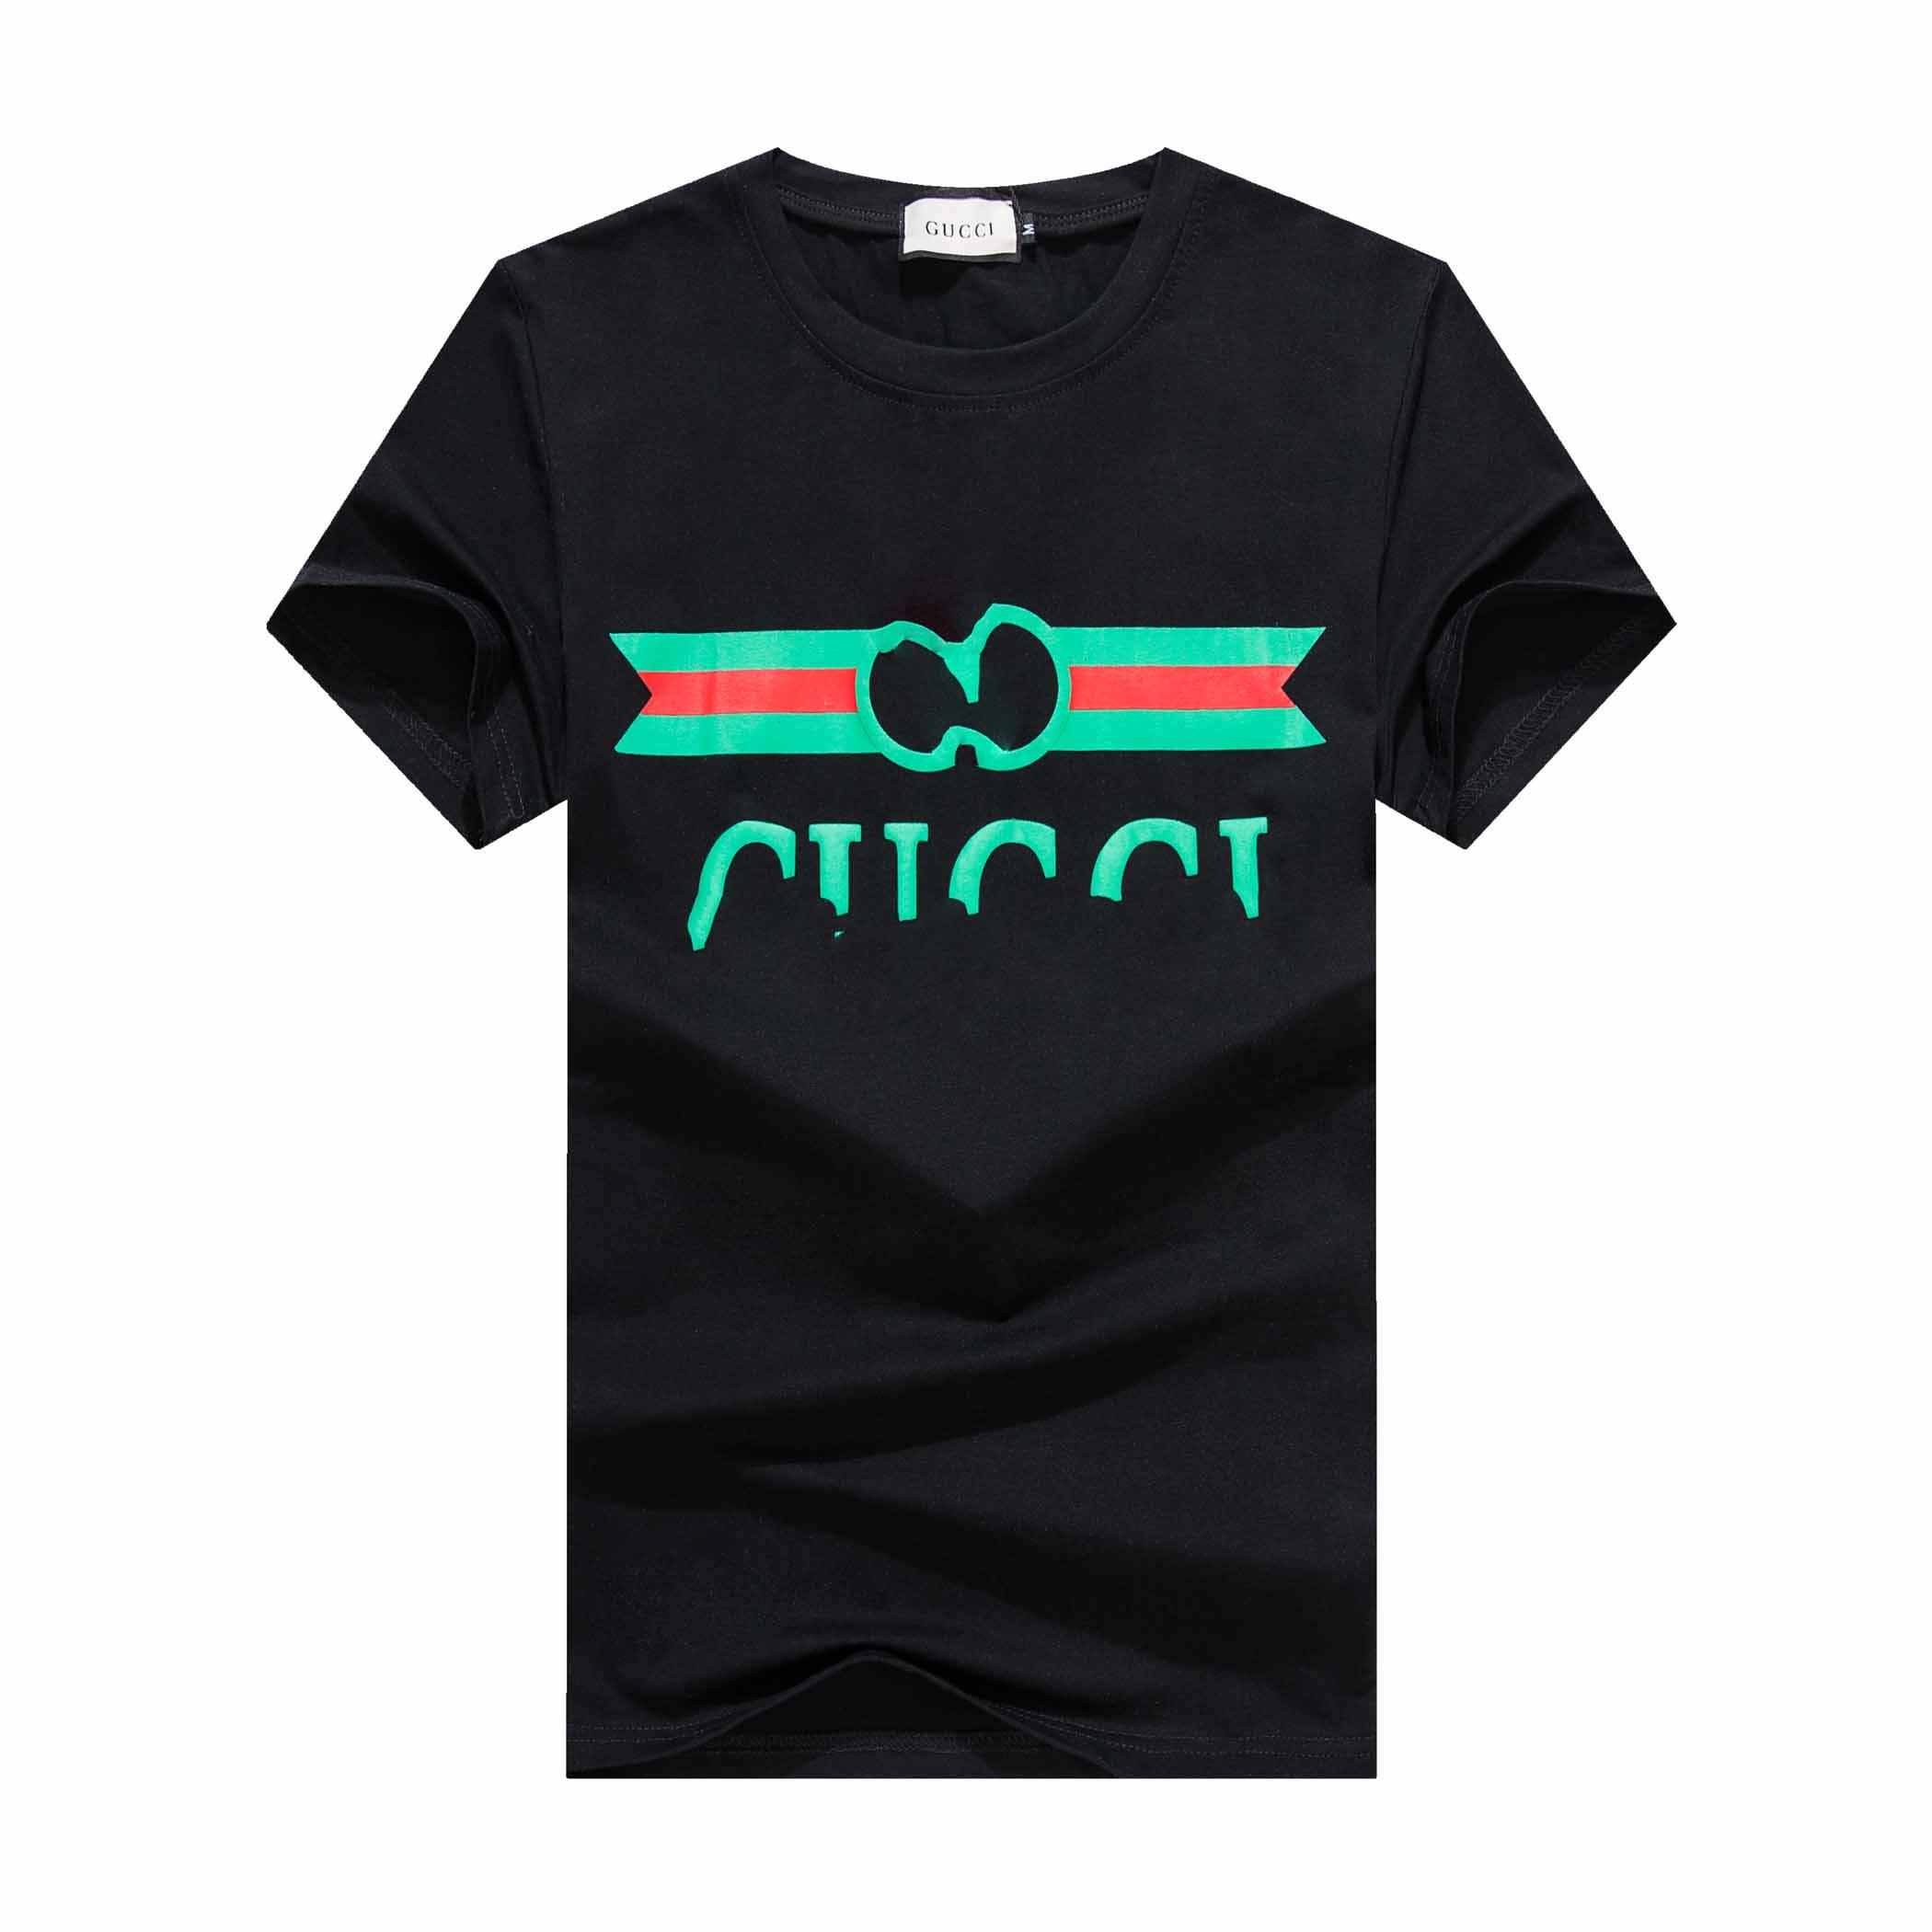 Summer Men's Designer T-shirt Casual Men's Women's Loose T-shirt Letter Print Short Sleeve Top High-end Men's T-shirt M-3XL Size